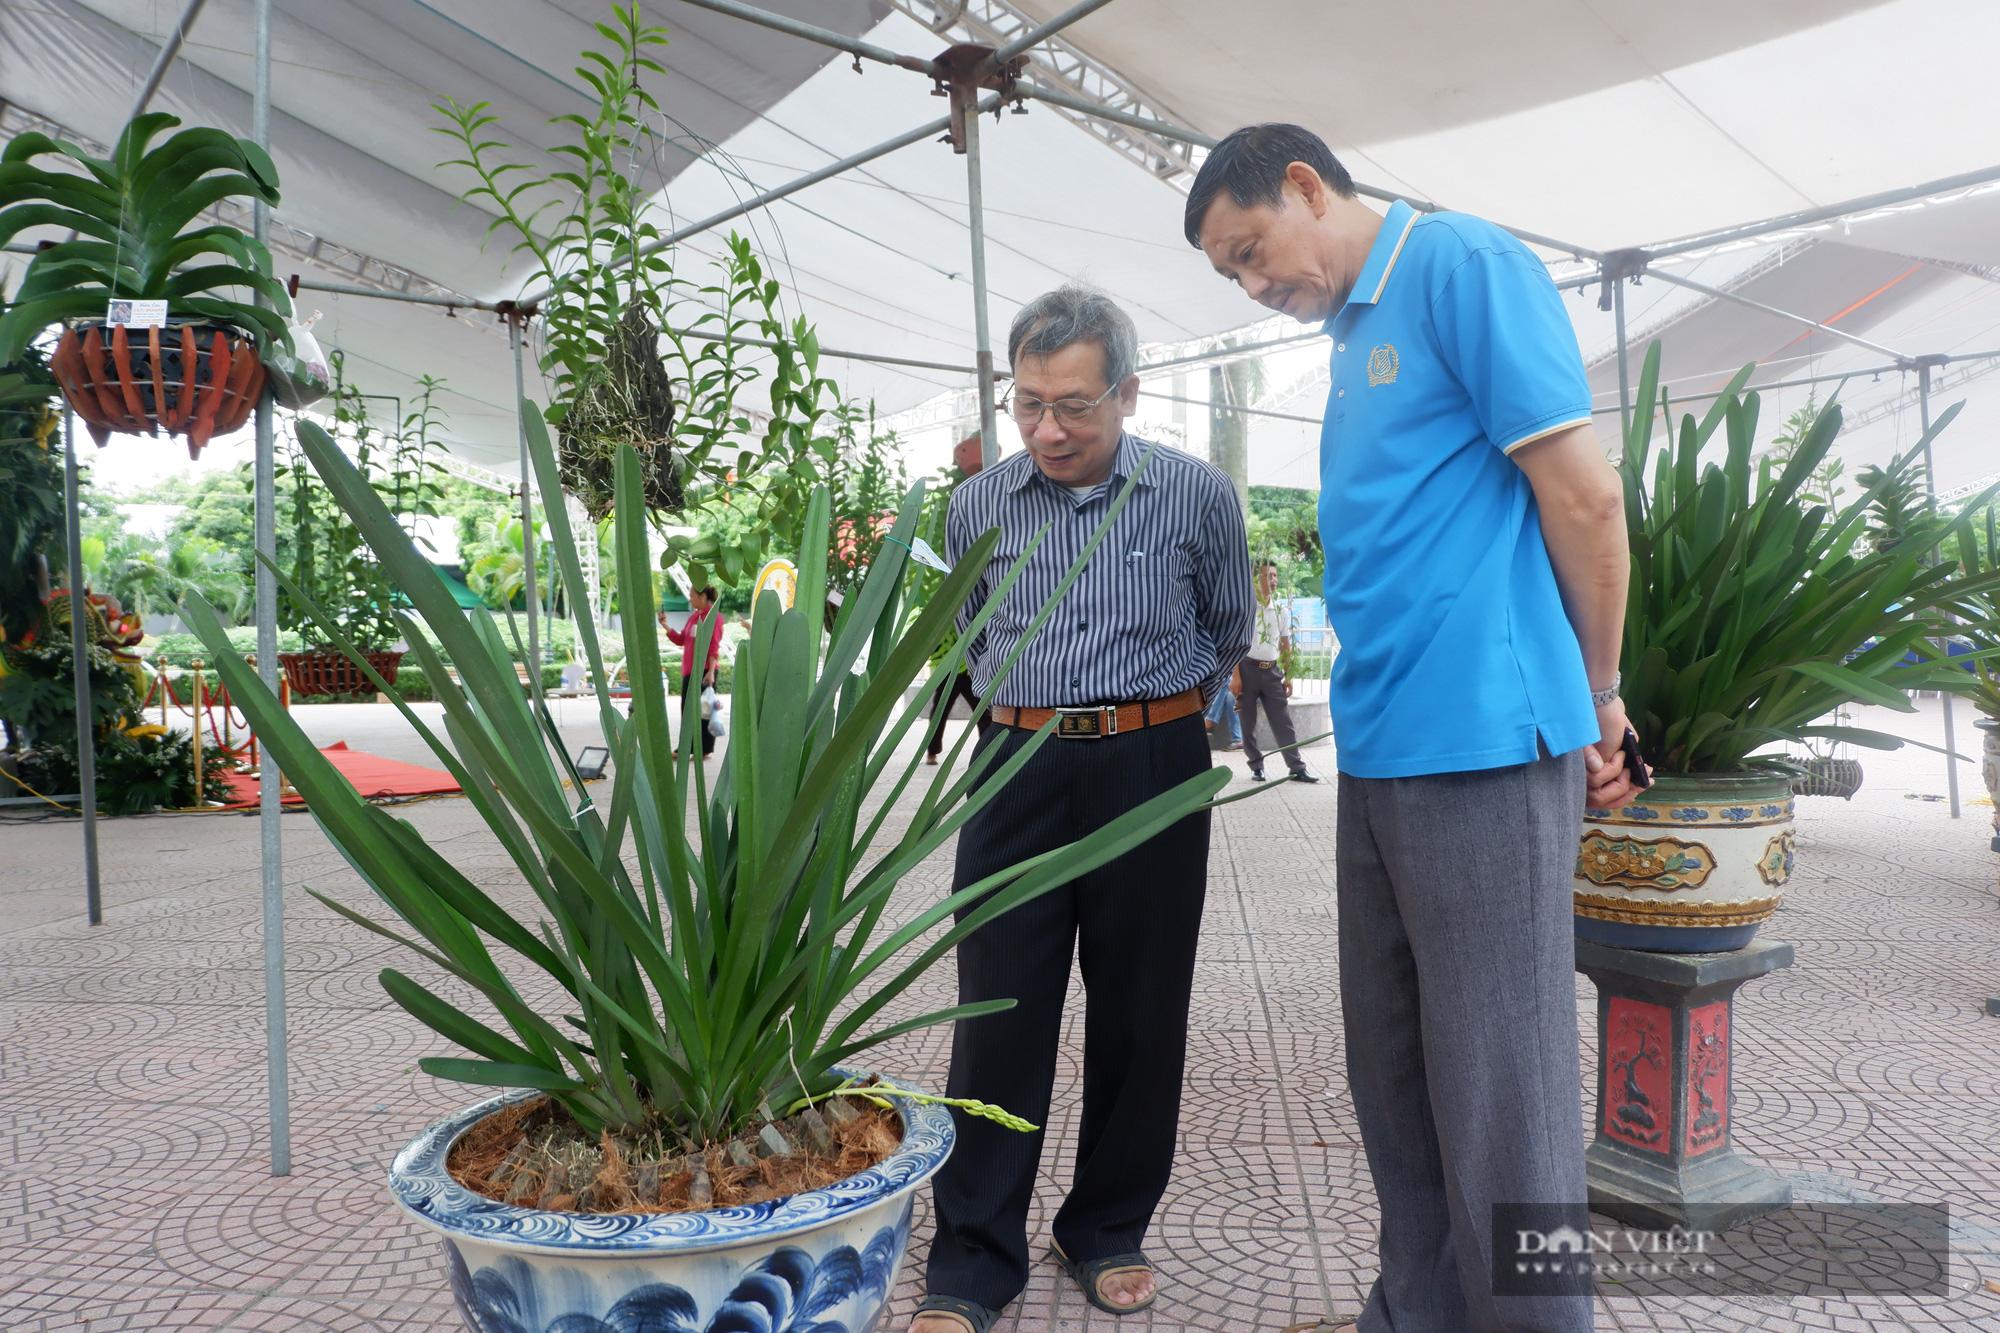 Hà Nội: Quy tụ hàng nghìn sản phẩm nông sản đặc sắc, chỉ toàn là đặc sản, người dân Thủ đô hài lòng - Ảnh 3.